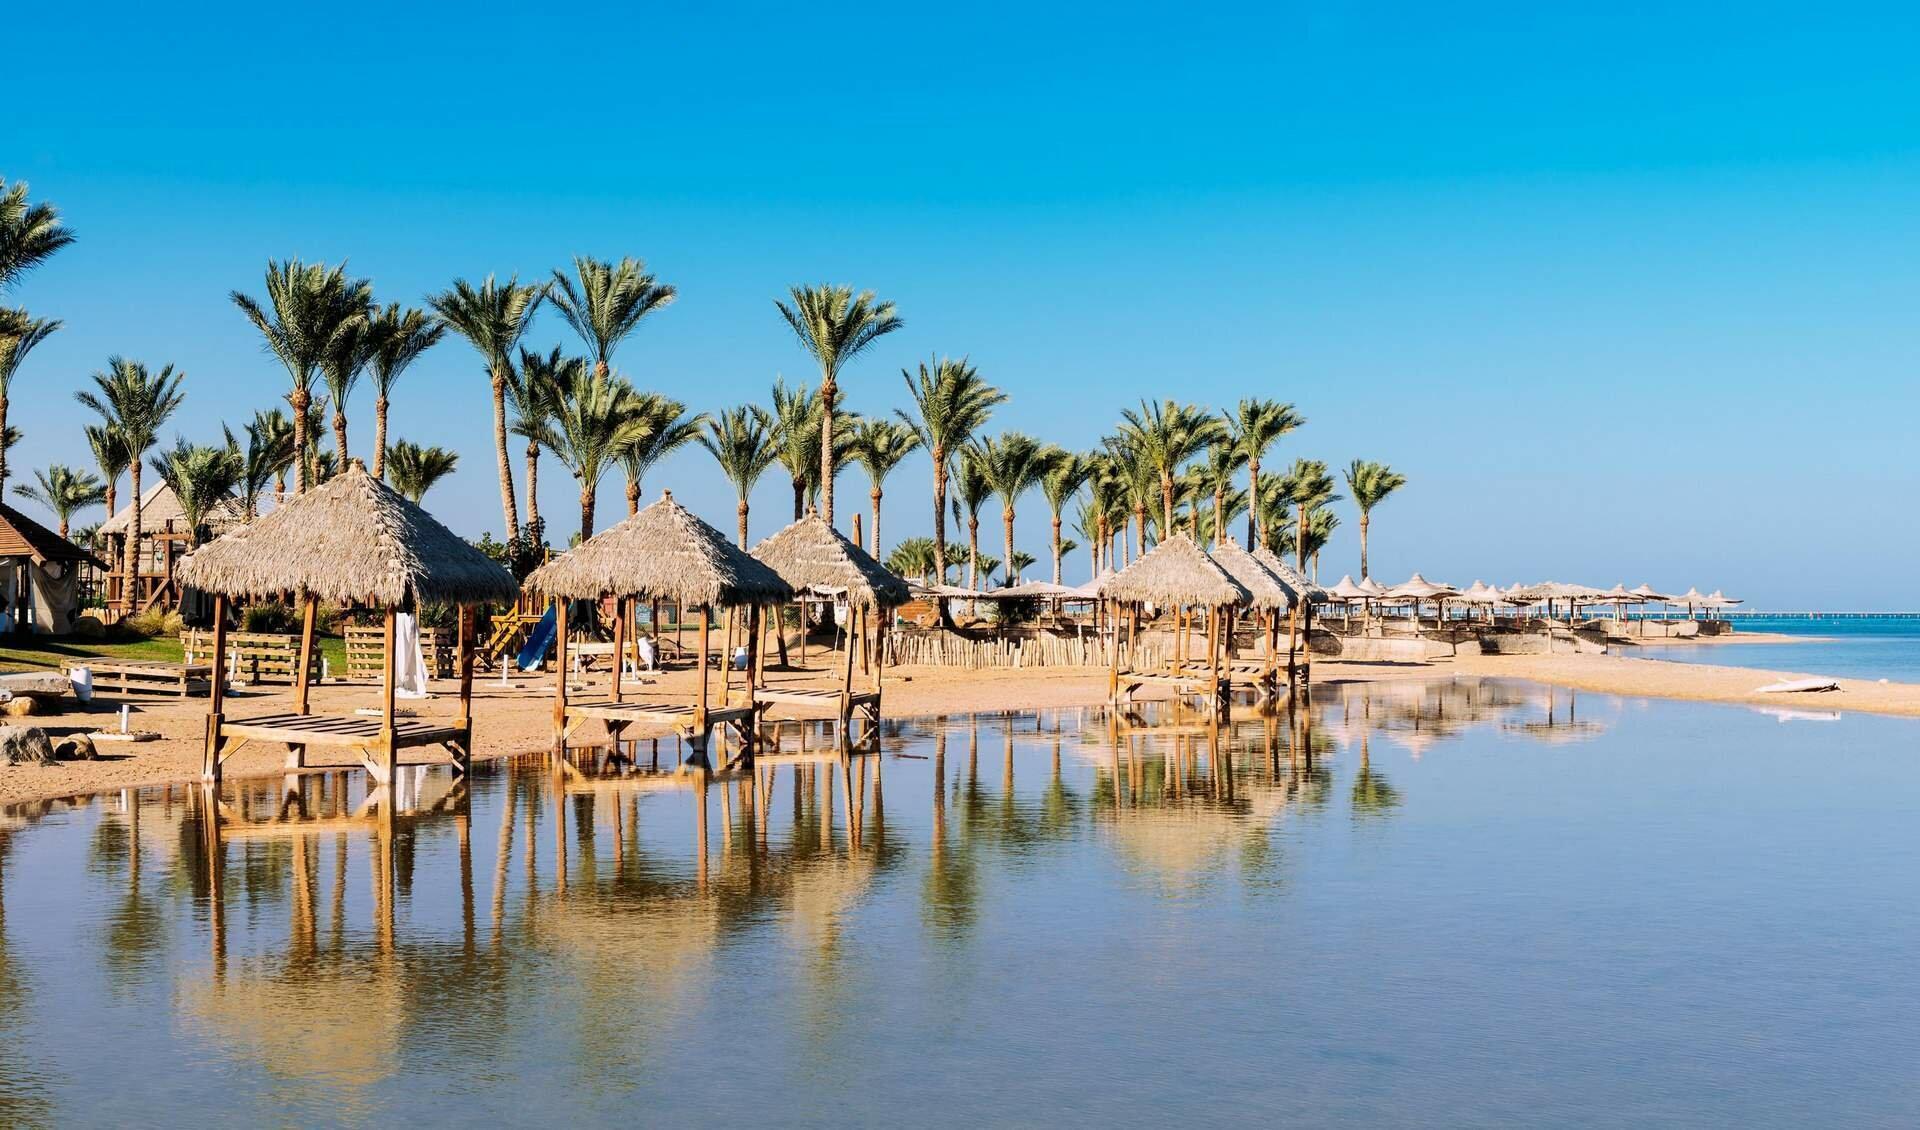 Цены на отдых в Египте могут стартовать от 9 тысяч грн за двоих на неделю